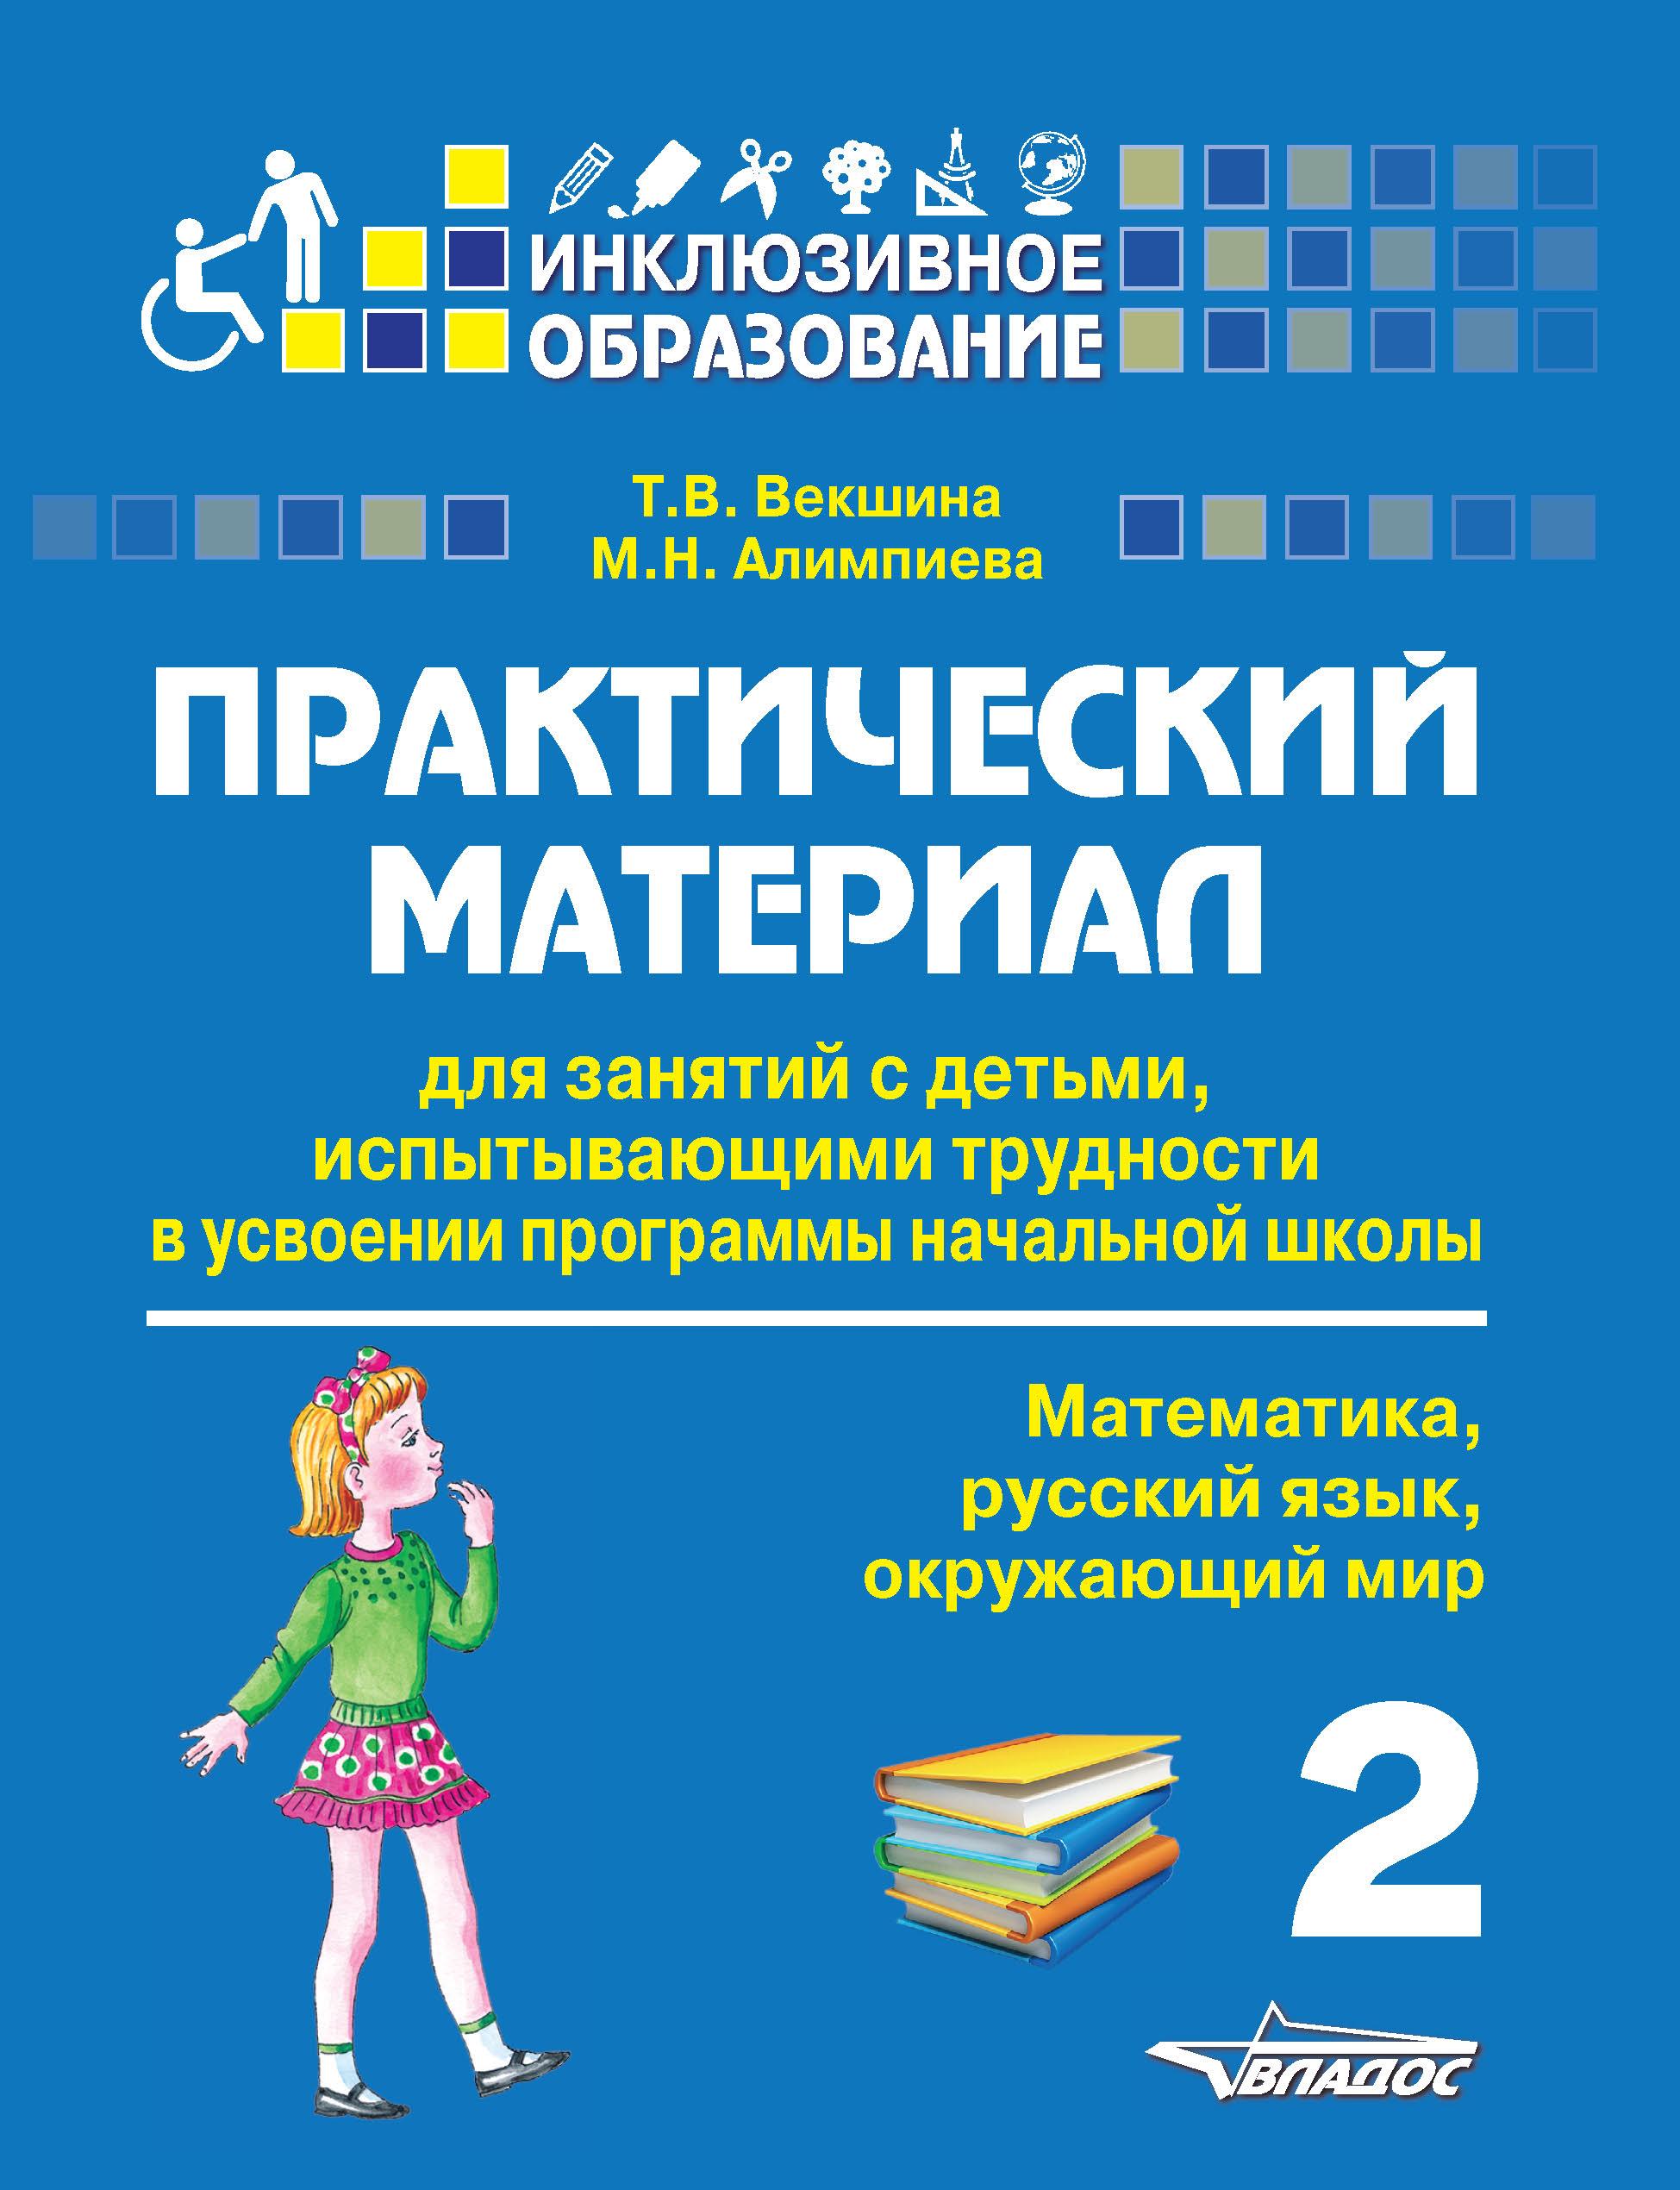 Практический материал для занятий с детьми, испытывающими трудности в усвоении программы начальной школы. 2 класс. Математика, русский язык, окружающий мир